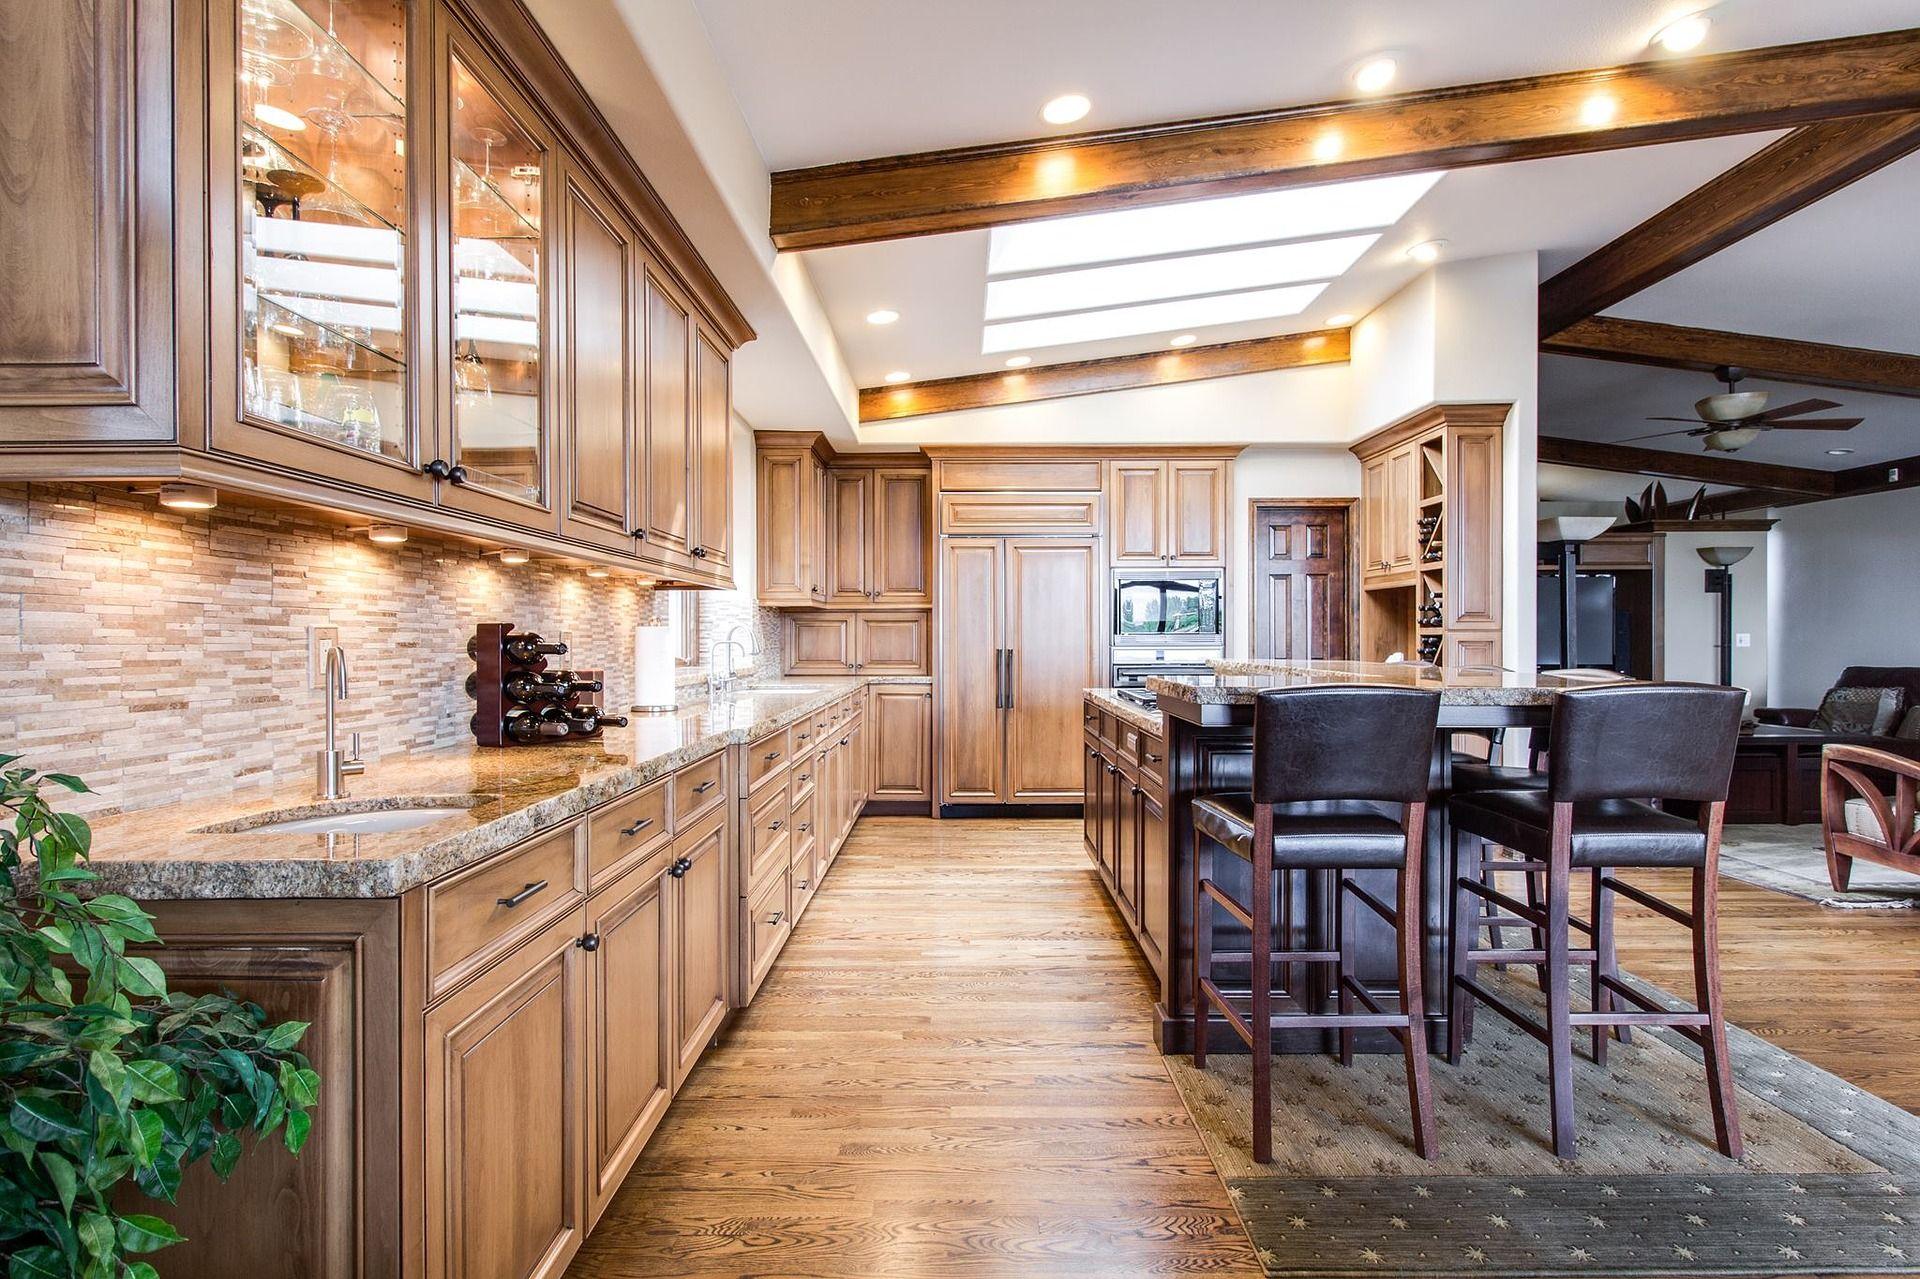 Muebles de cocina y ba o san sebasti n de los reyes futuro estilo - Muebles en san sebastian de los reyes ...